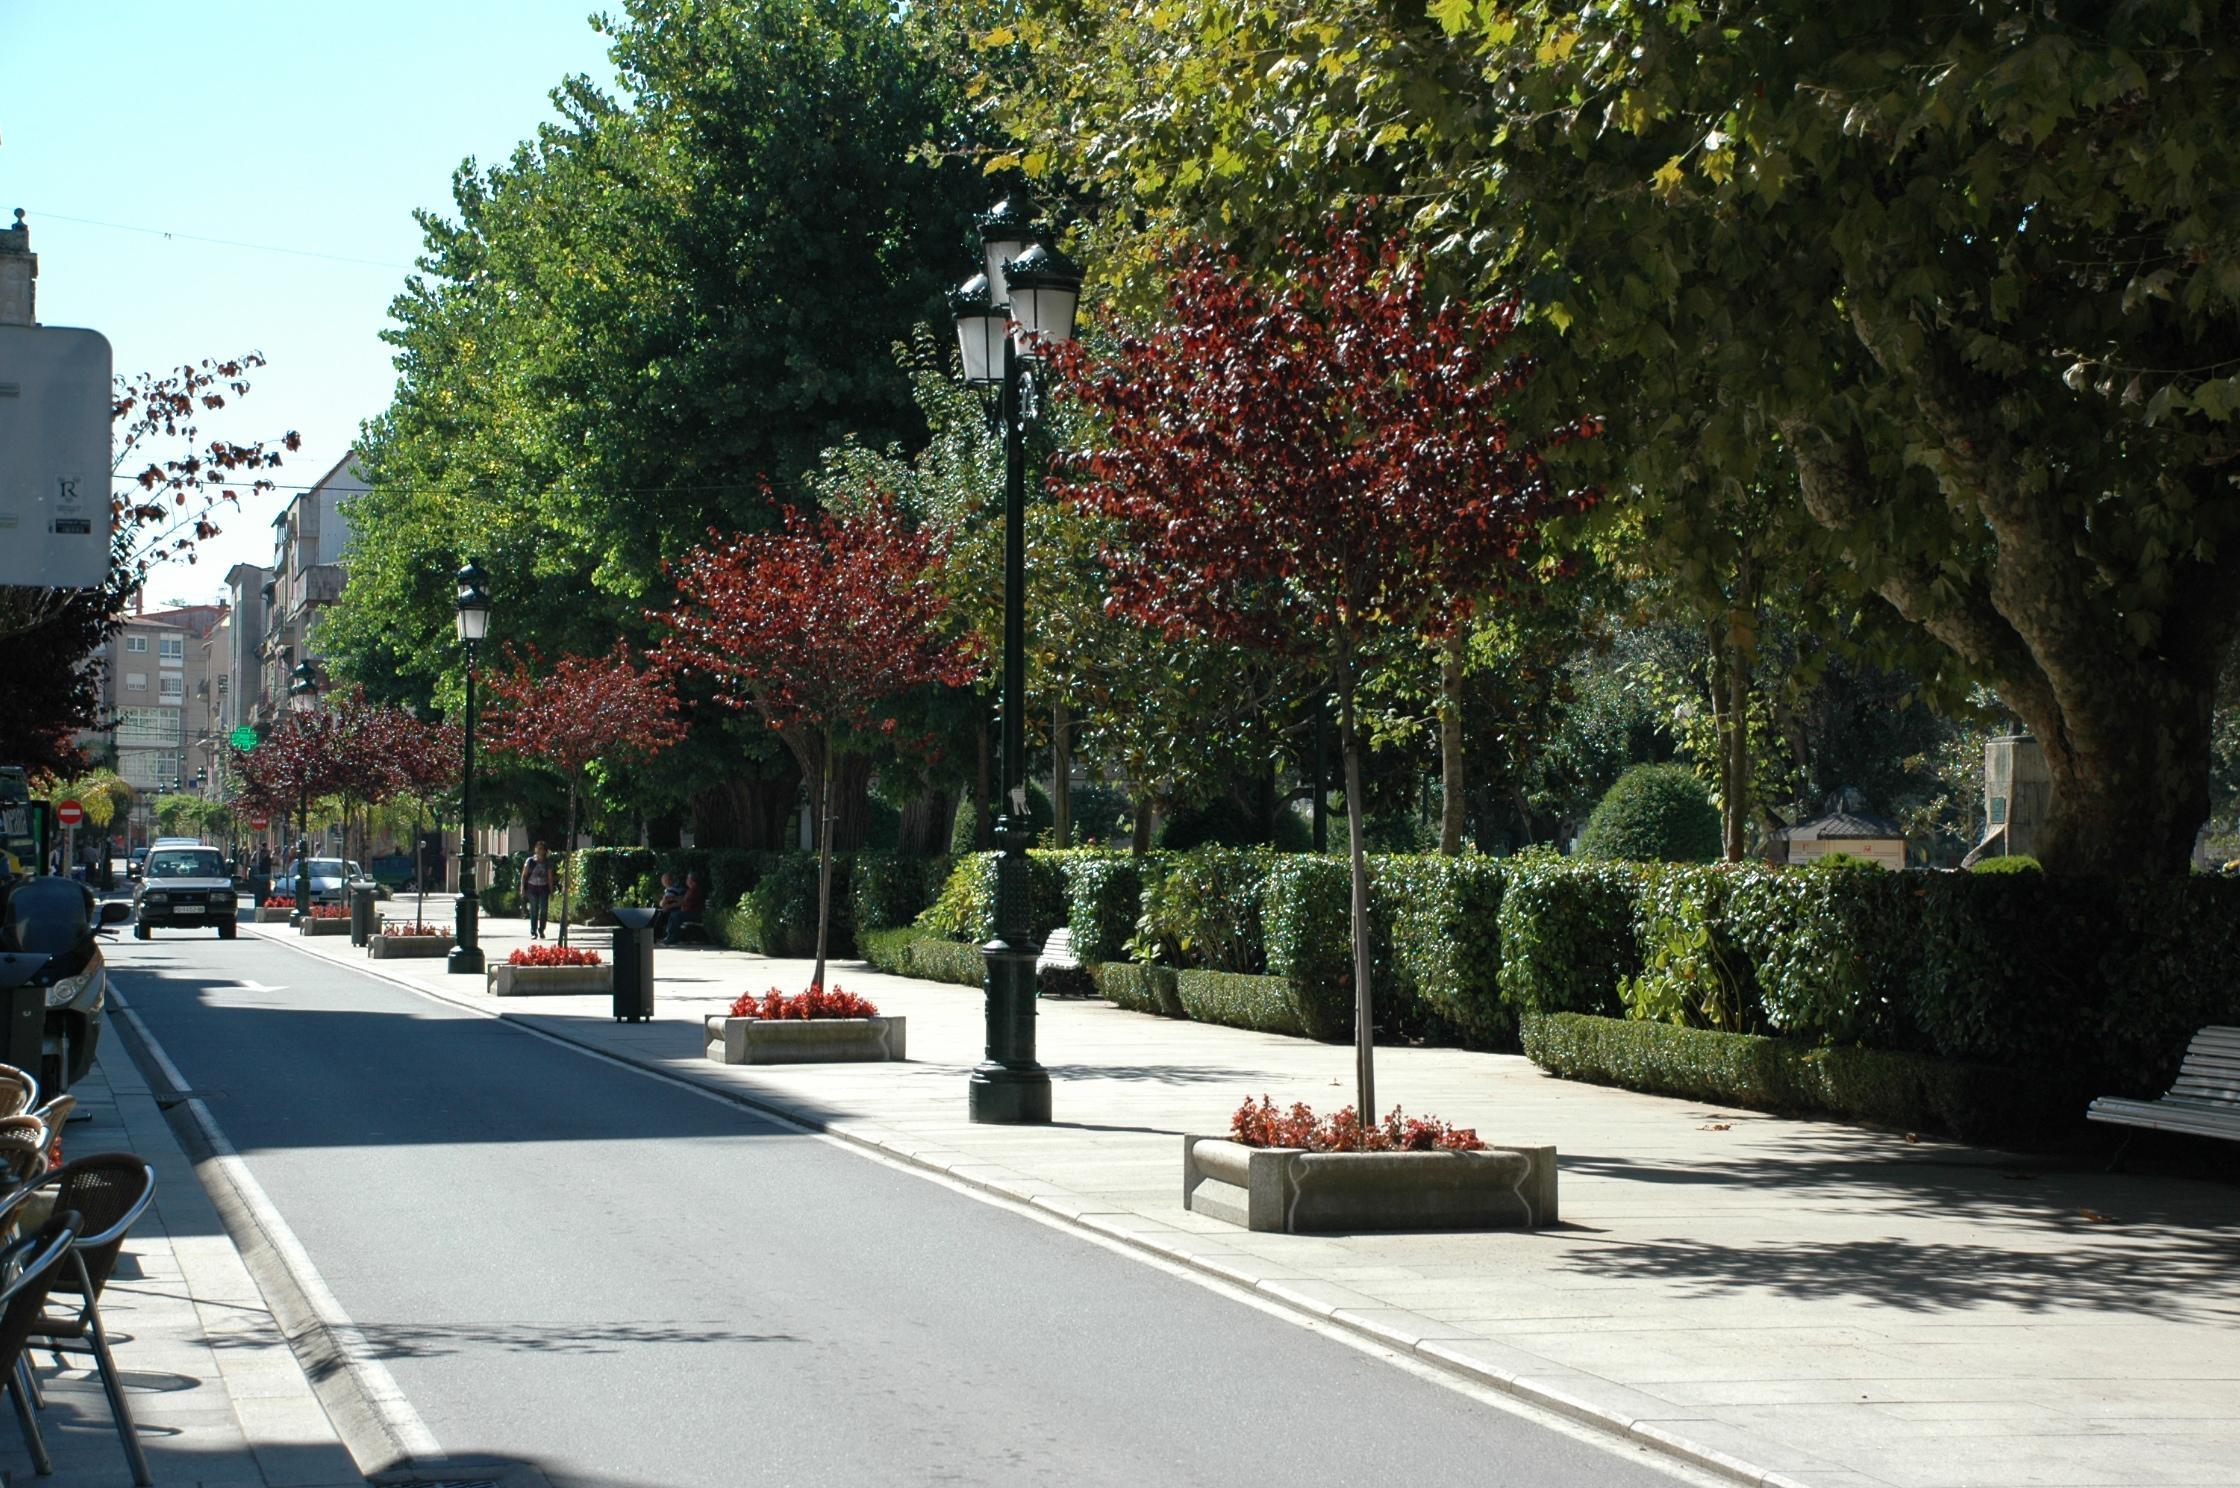 Redondela, Centro Comercial Aberto